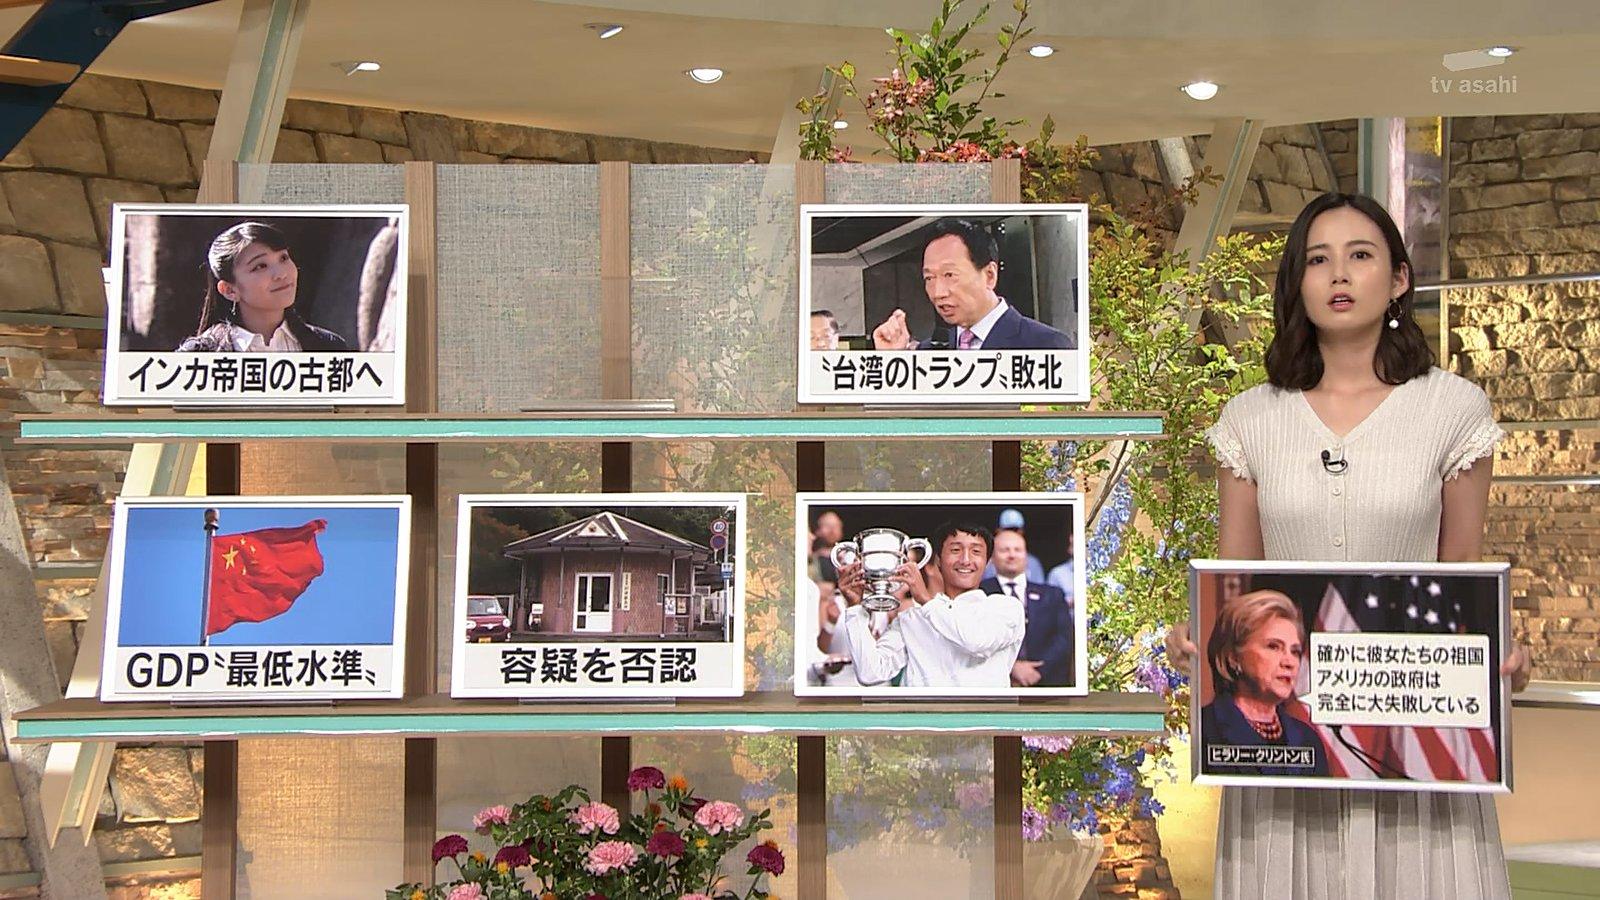 2019年7月15日「報道ステーション」森川夕貴さんのテレビキャプチャー画像-085